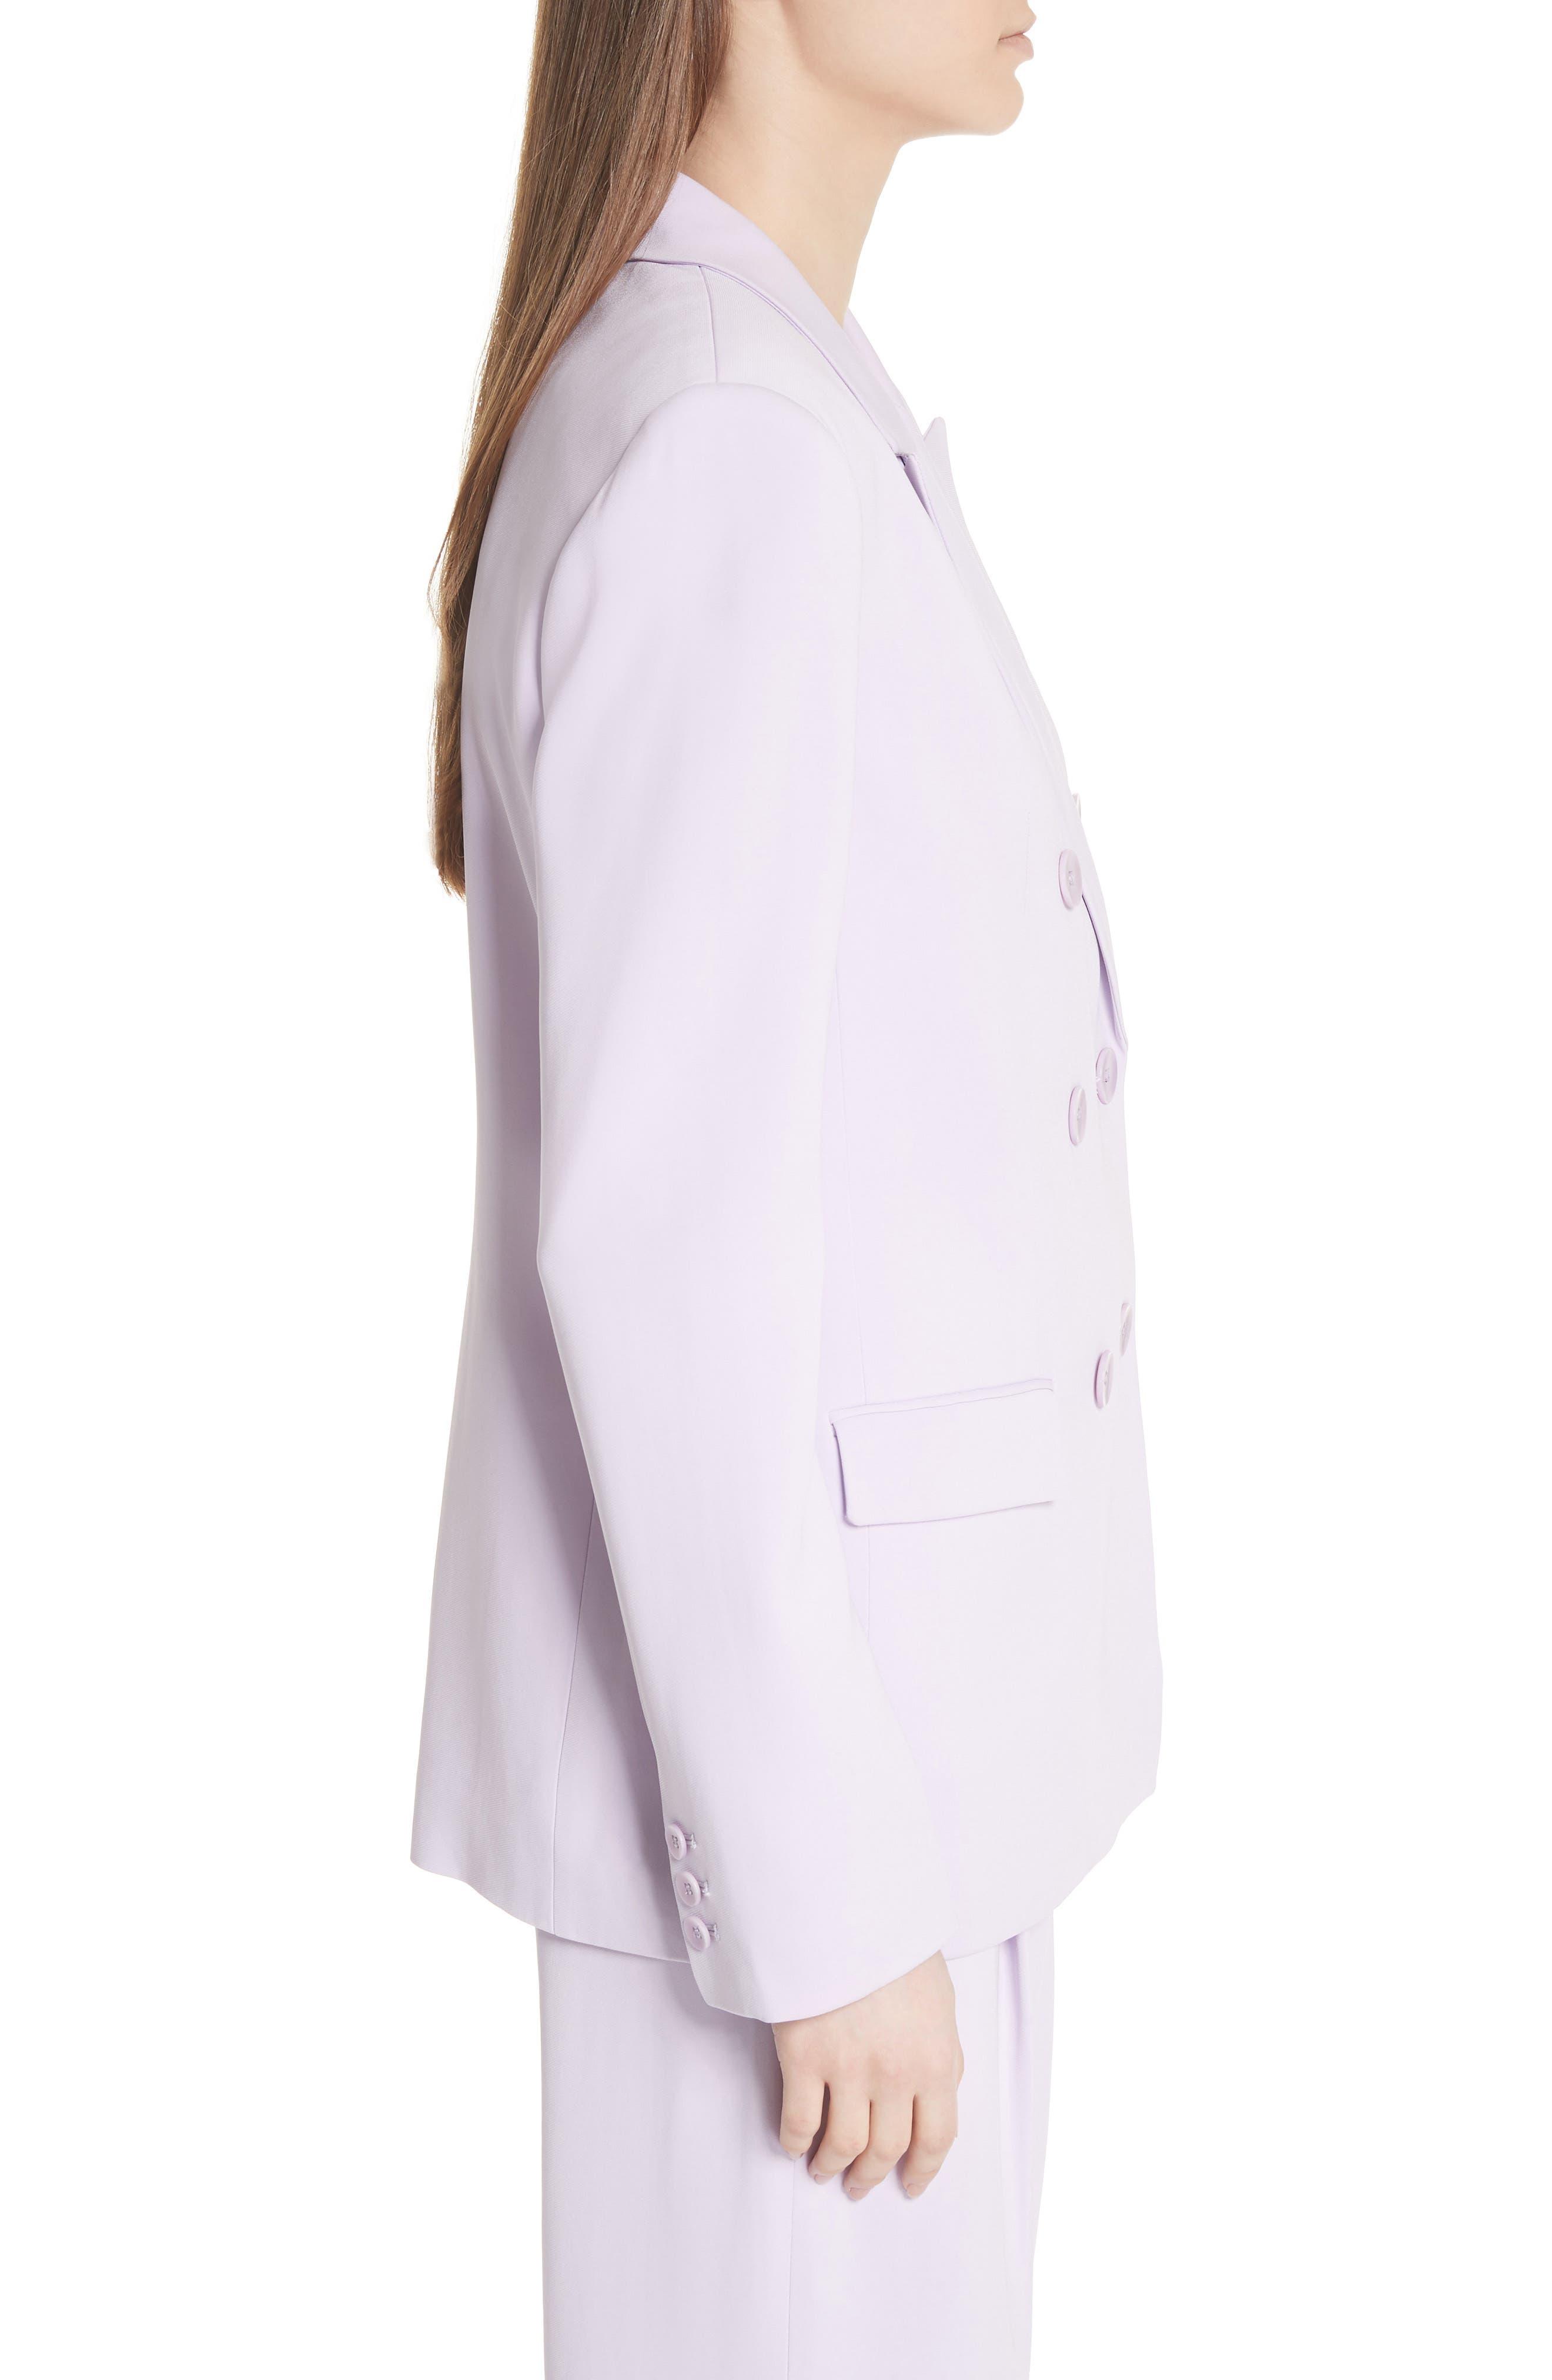 Steward Suit Jacket,                             Alternate thumbnail 3, color,                             Lavender